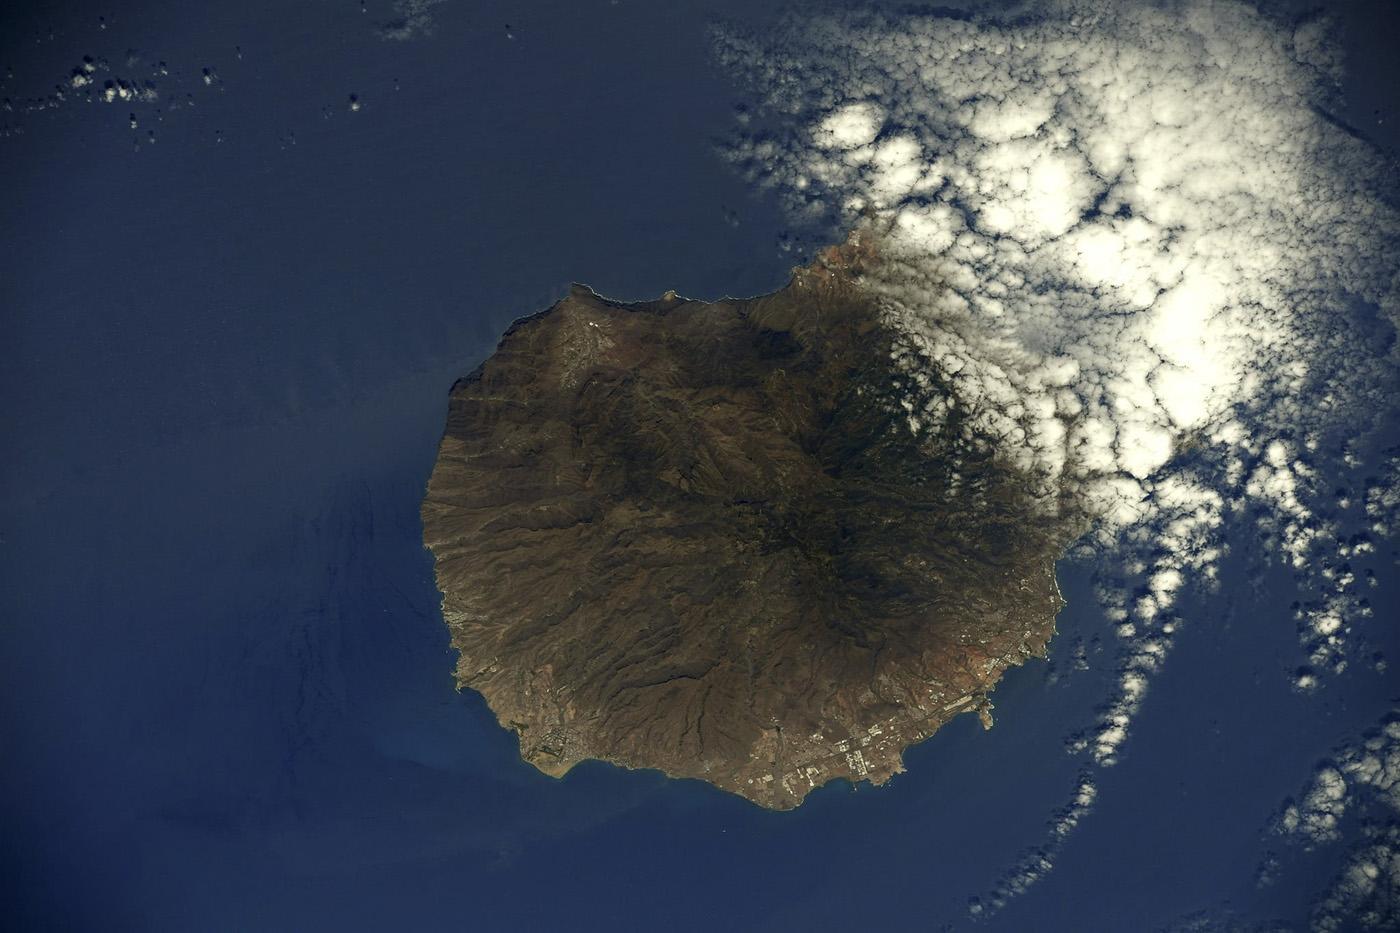 Tenerife © Thomas Pesquet